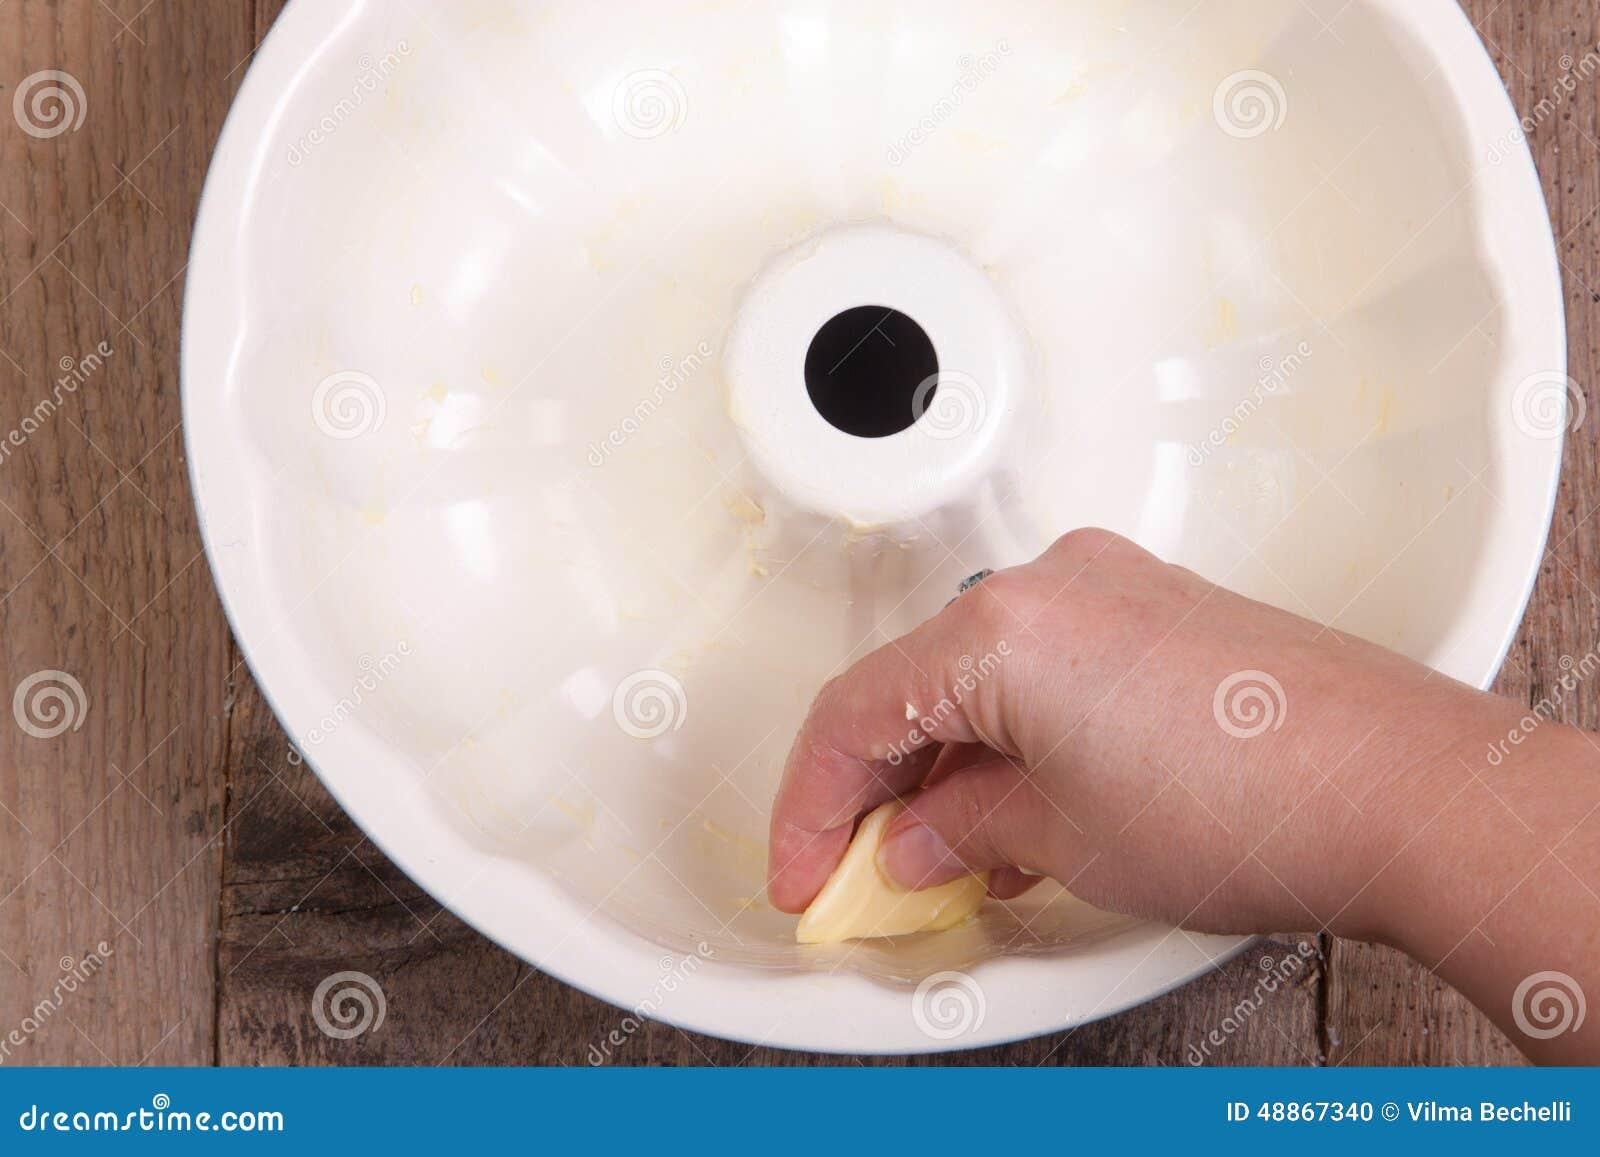 Einfetten Der Kuchenform Mit Margarine Oder Butter Stockfoto Bild